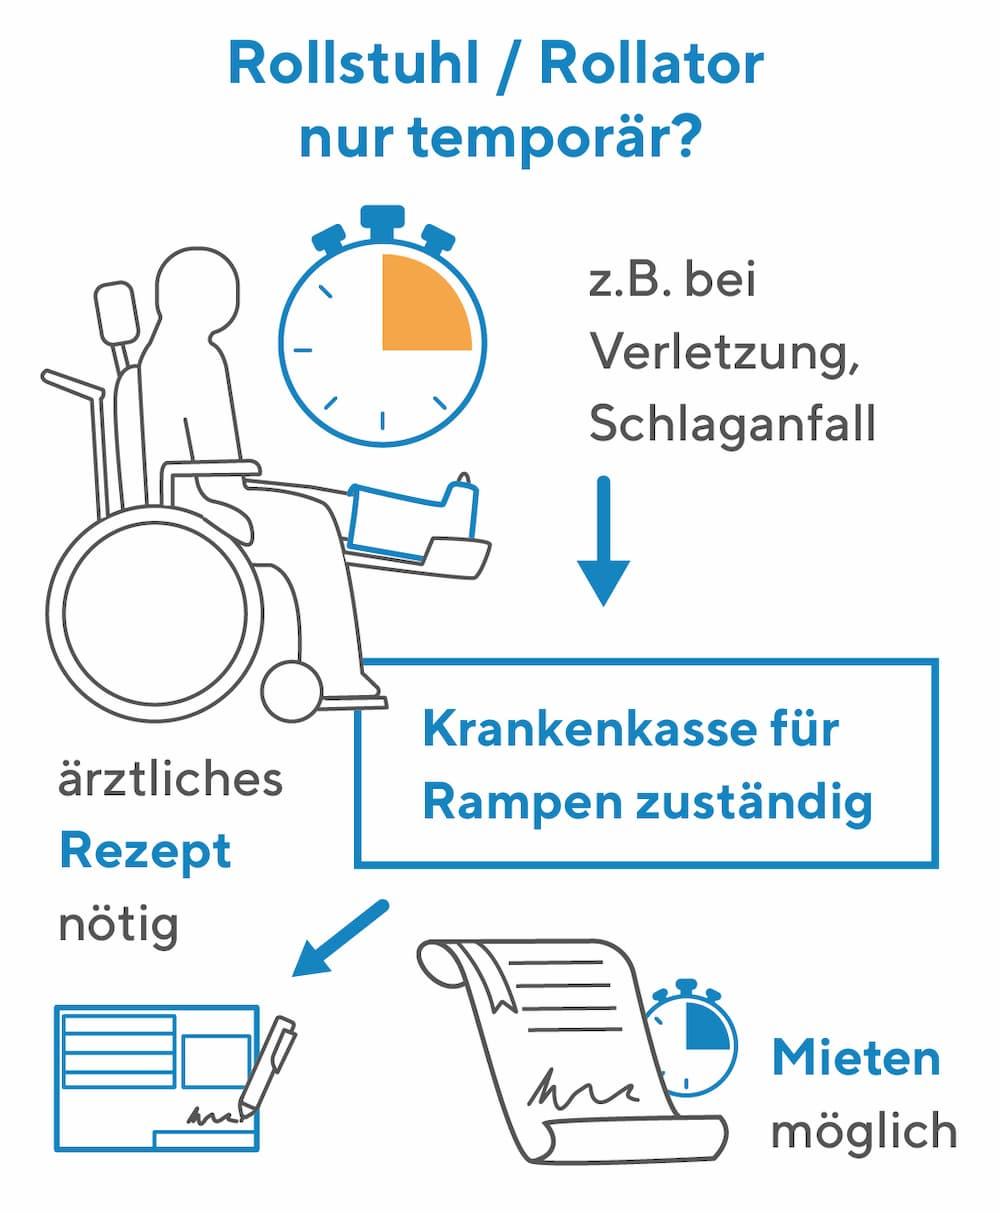 Bei nur temporärem Bedarf an Rollstuhlrampe ist die Krankenkasse zuständig